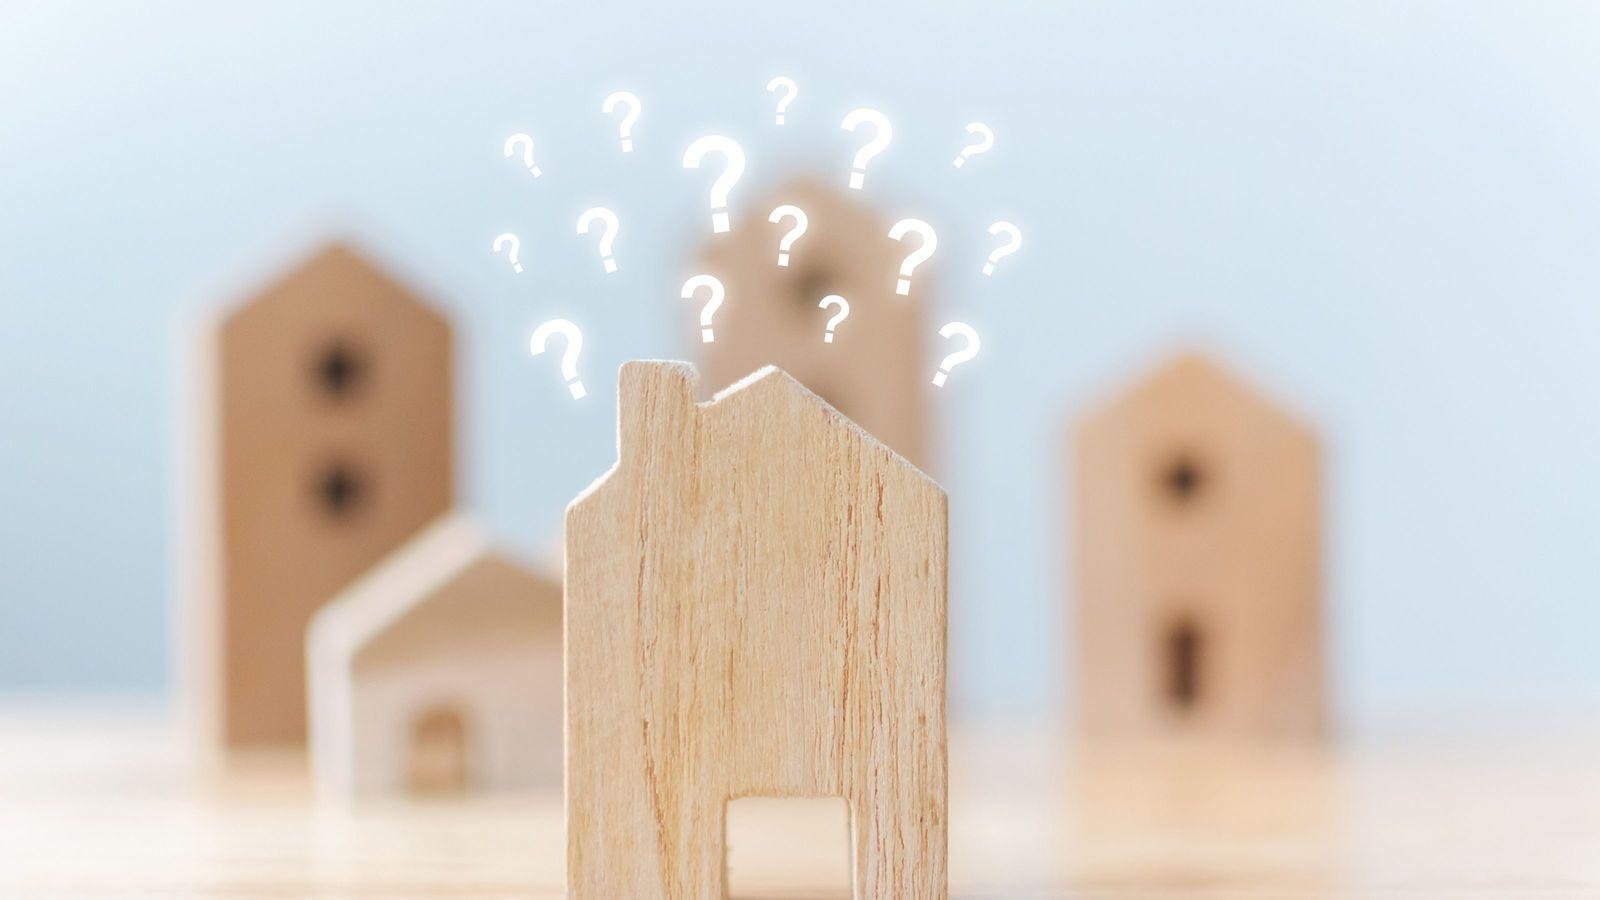 相続した売れない「負動産」と毎年腹が立つ固定資産税軽減法 空き家放置で50万円以下の過料も